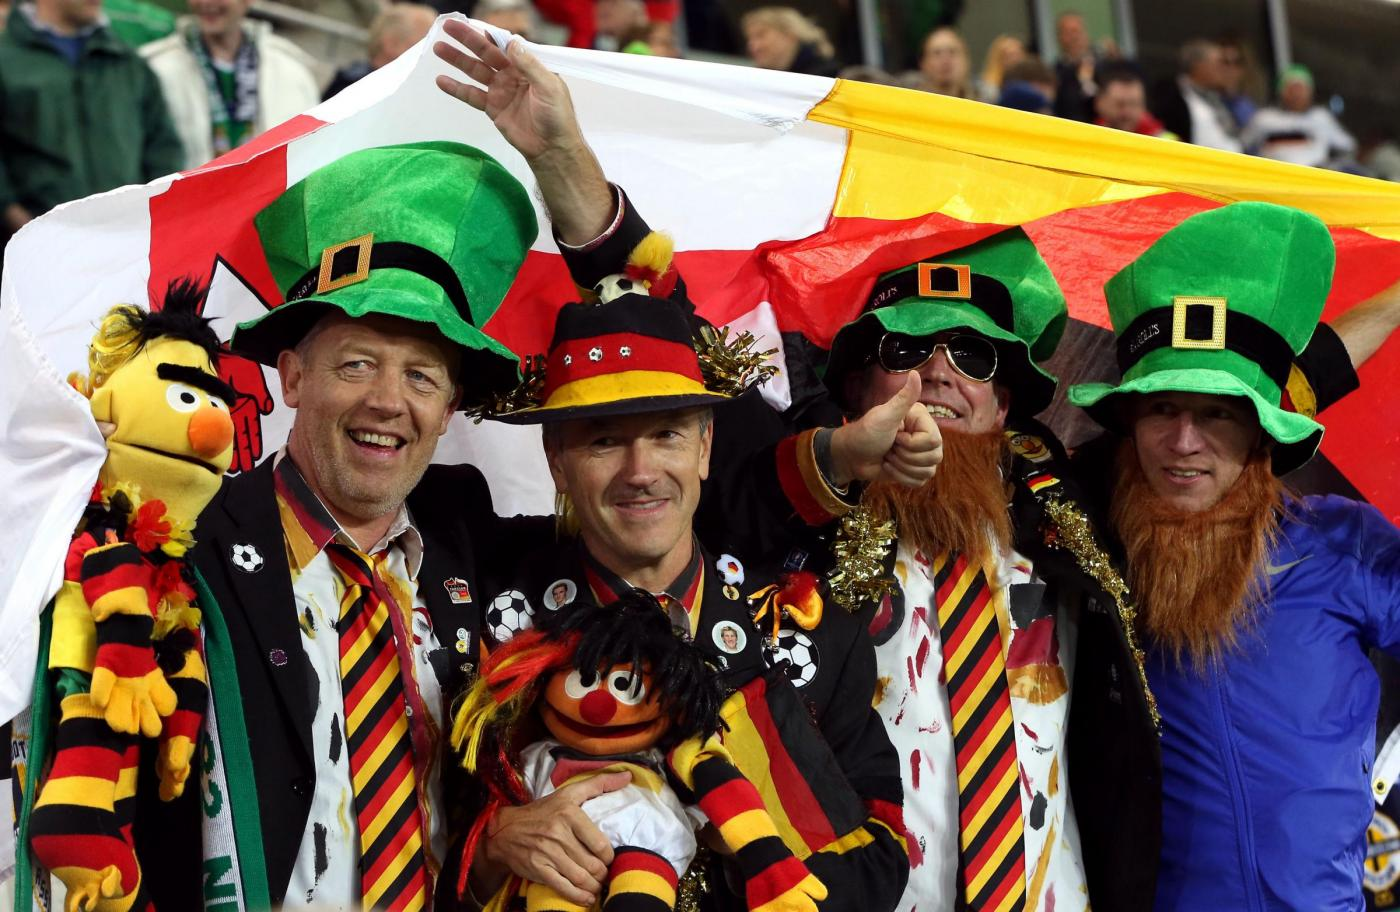 Germania 3. Liga, Wurzburger Kickers-Grossaspach 8 ottobre: analisi e pronostico della giornata della seconda divisione calcistica tedesca